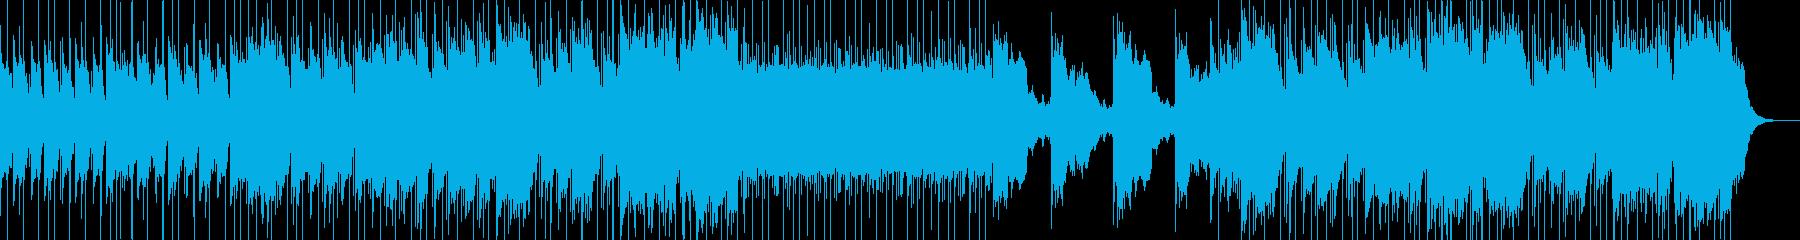 和太鼓と笛 神楽な雰囲気のBGMの再生済みの波形